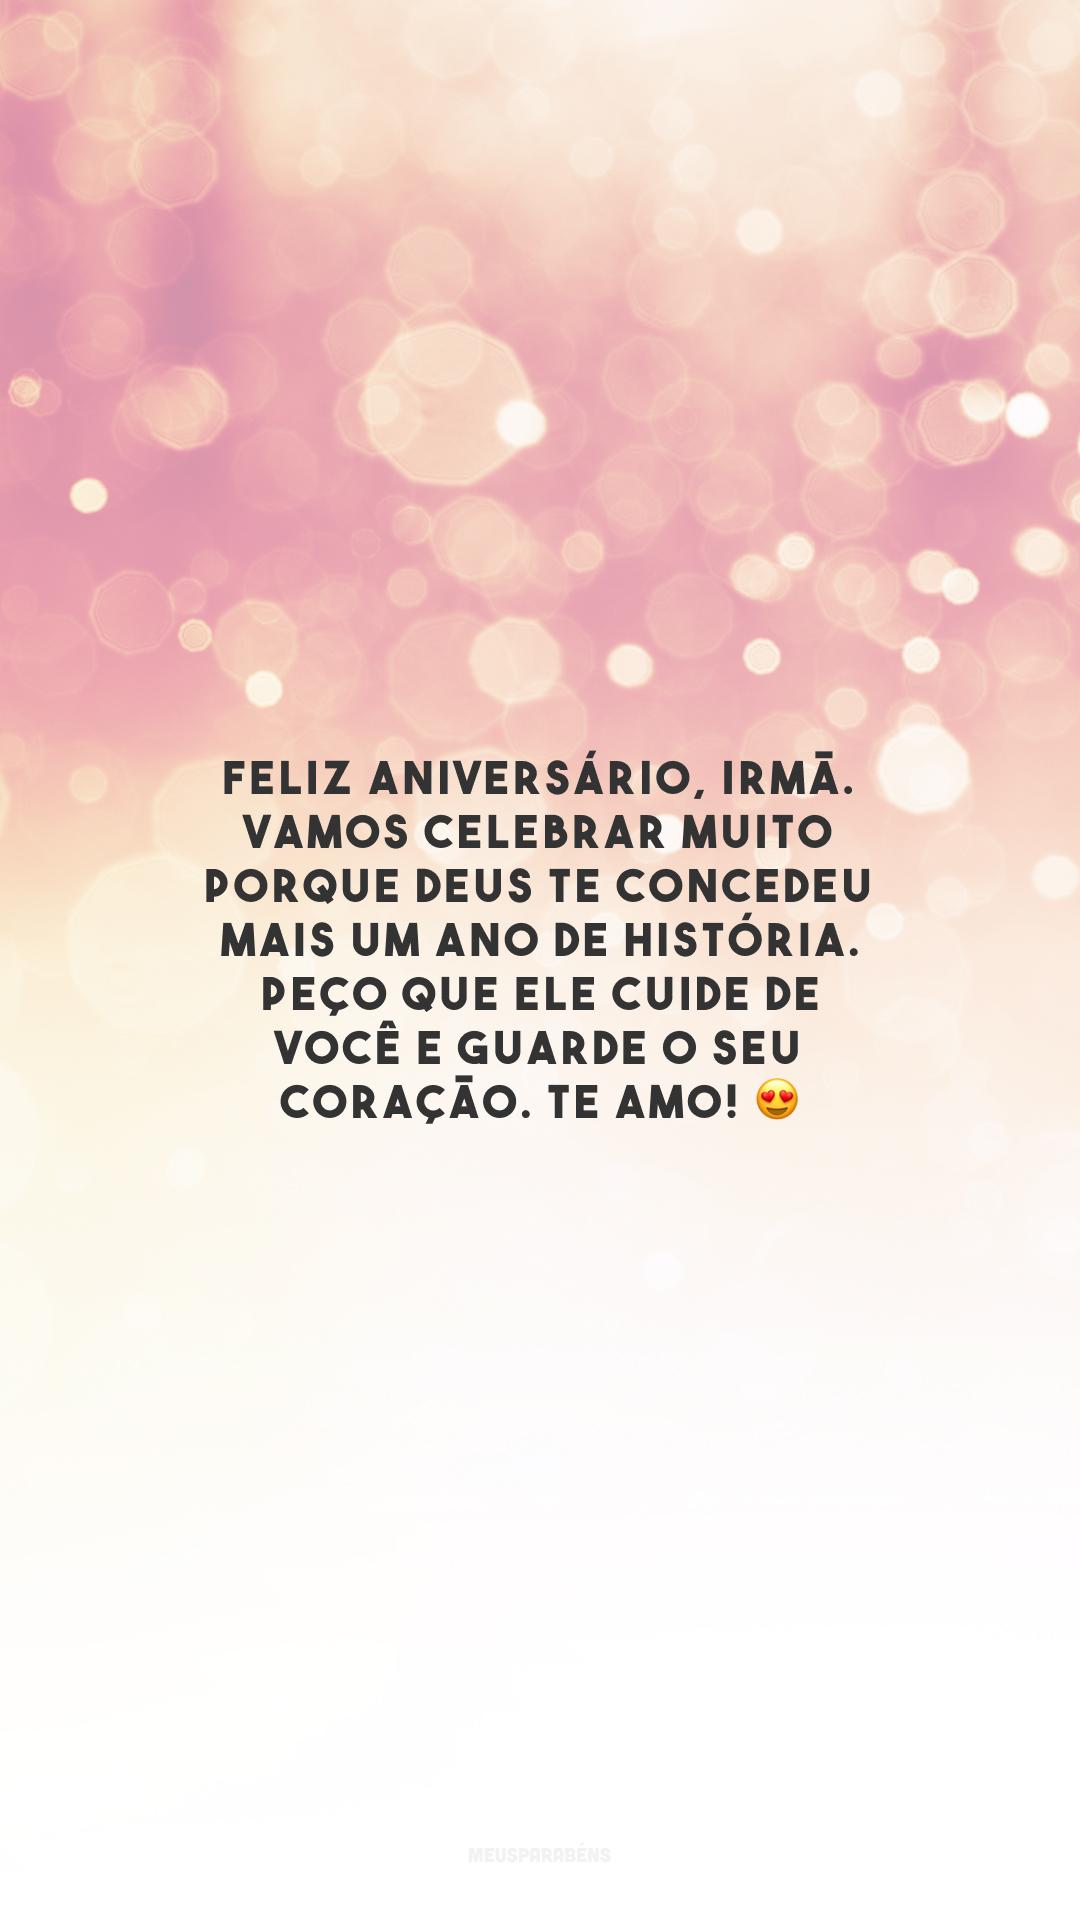 Feliz aniversário, irmã. Vamos celebrar muito porque Deus te concedeu mais um ano de história. Peço que Ele cuide de você e guarde o seu coração. Te amo! 😍